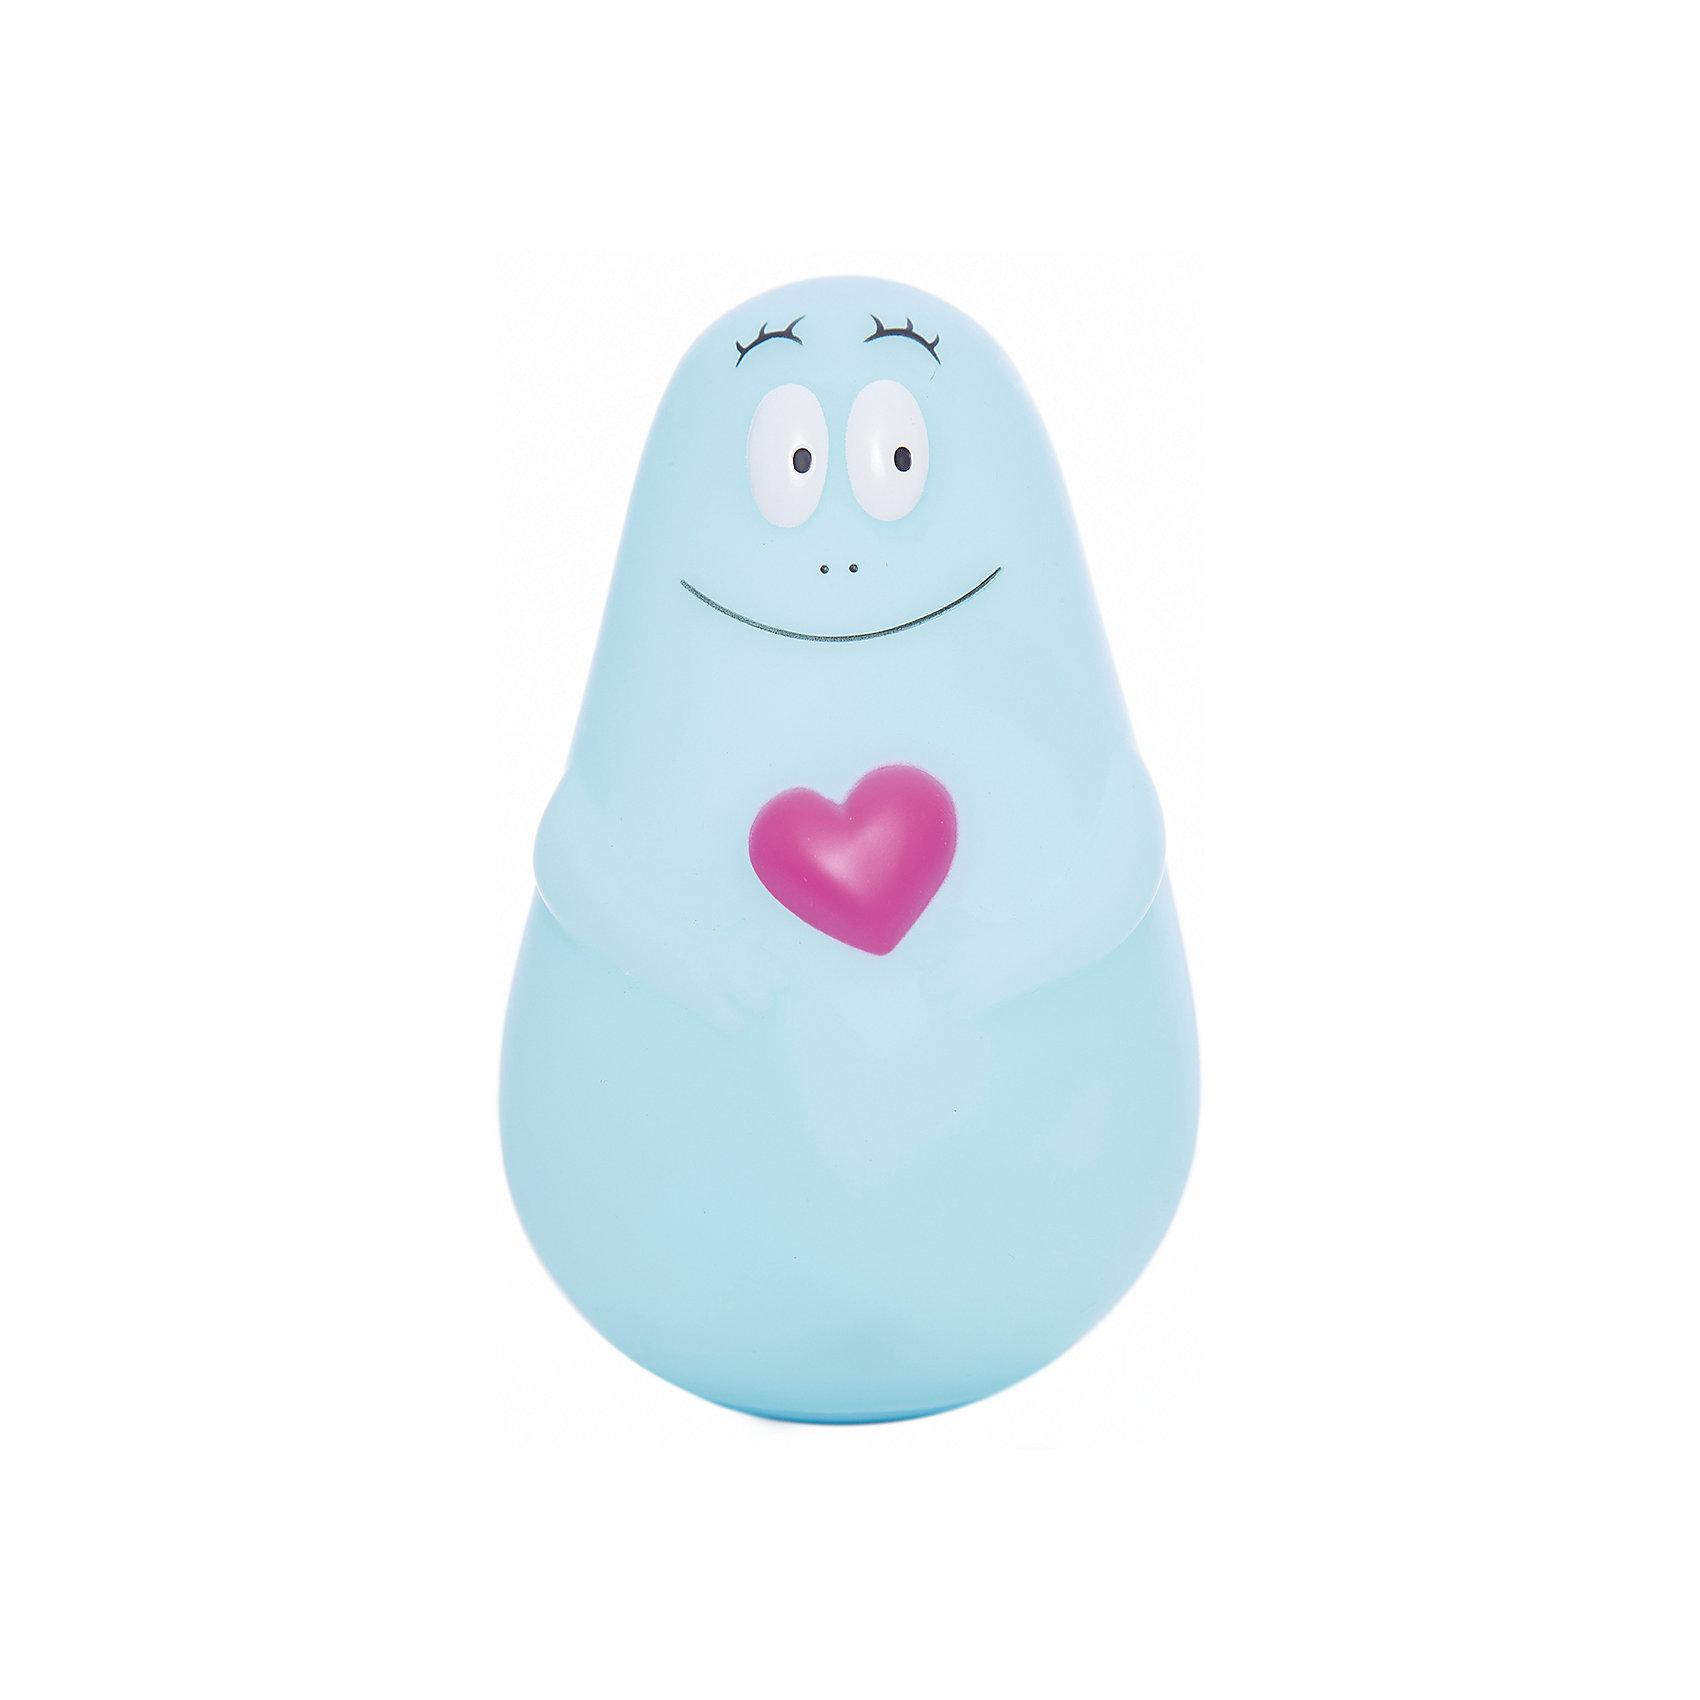 Ночник Barbapapa MICRO USB, PaboboНочники и проекторы<br>Характеристики:<br><br>• Пол: для мальчика<br>• Тематика рисунка: сердечко<br>• Цвет: голубой<br>• Материал: поливинилхлорид<br>• Светодиодные лампы<br>• До 11 часов непрерывной работы<br>• Мягкий рассеянный свет<br>• Во время работы не нагревается<br>• Автоматическое отключение<br>• Заряжается от провода USB<br>• Размеры (Д*Ш*В): 9*15*9 см<br>• Вес: 550 г <br>• Особенности ухода: допускается сухая и влажная чистка<br><br>Ночник Barbapapa MICRO USB, Pabobo от французского торгового бренда, который занимается производством детских светильников и проекторов. При изготовлении используются качественные и безопасные материалы, которые характеризуются длительным сроком службы. Пластик, из которого изготовлен ночник, устойчив к повреждениям и появлению царапин, не имеет запаха. <br><br>Светильник оснащен светодиодными лампами, которые не нужно менять. Степень яркости автоматически регулируется в зависимости от естественного освещения. Светильник выполнен в форме милого Барбапапы, которого удобно держать в руках и брать с собой под одеяло. В комплекте предусмотрена подставка, которая одновременно является базой для подзарядки.<br><br>Ночник Barbapapa MICRO USB, Pabobo можно купить в нашем интернет-магазине.<br><br>Ширина мм: 90<br>Глубина мм: 90<br>Высота мм: 140<br>Вес г: 190<br>Возраст от месяцев: 0<br>Возраст до месяцев: 216<br>Пол: Мужской<br>Возраст: Детский<br>SKU: 5482453